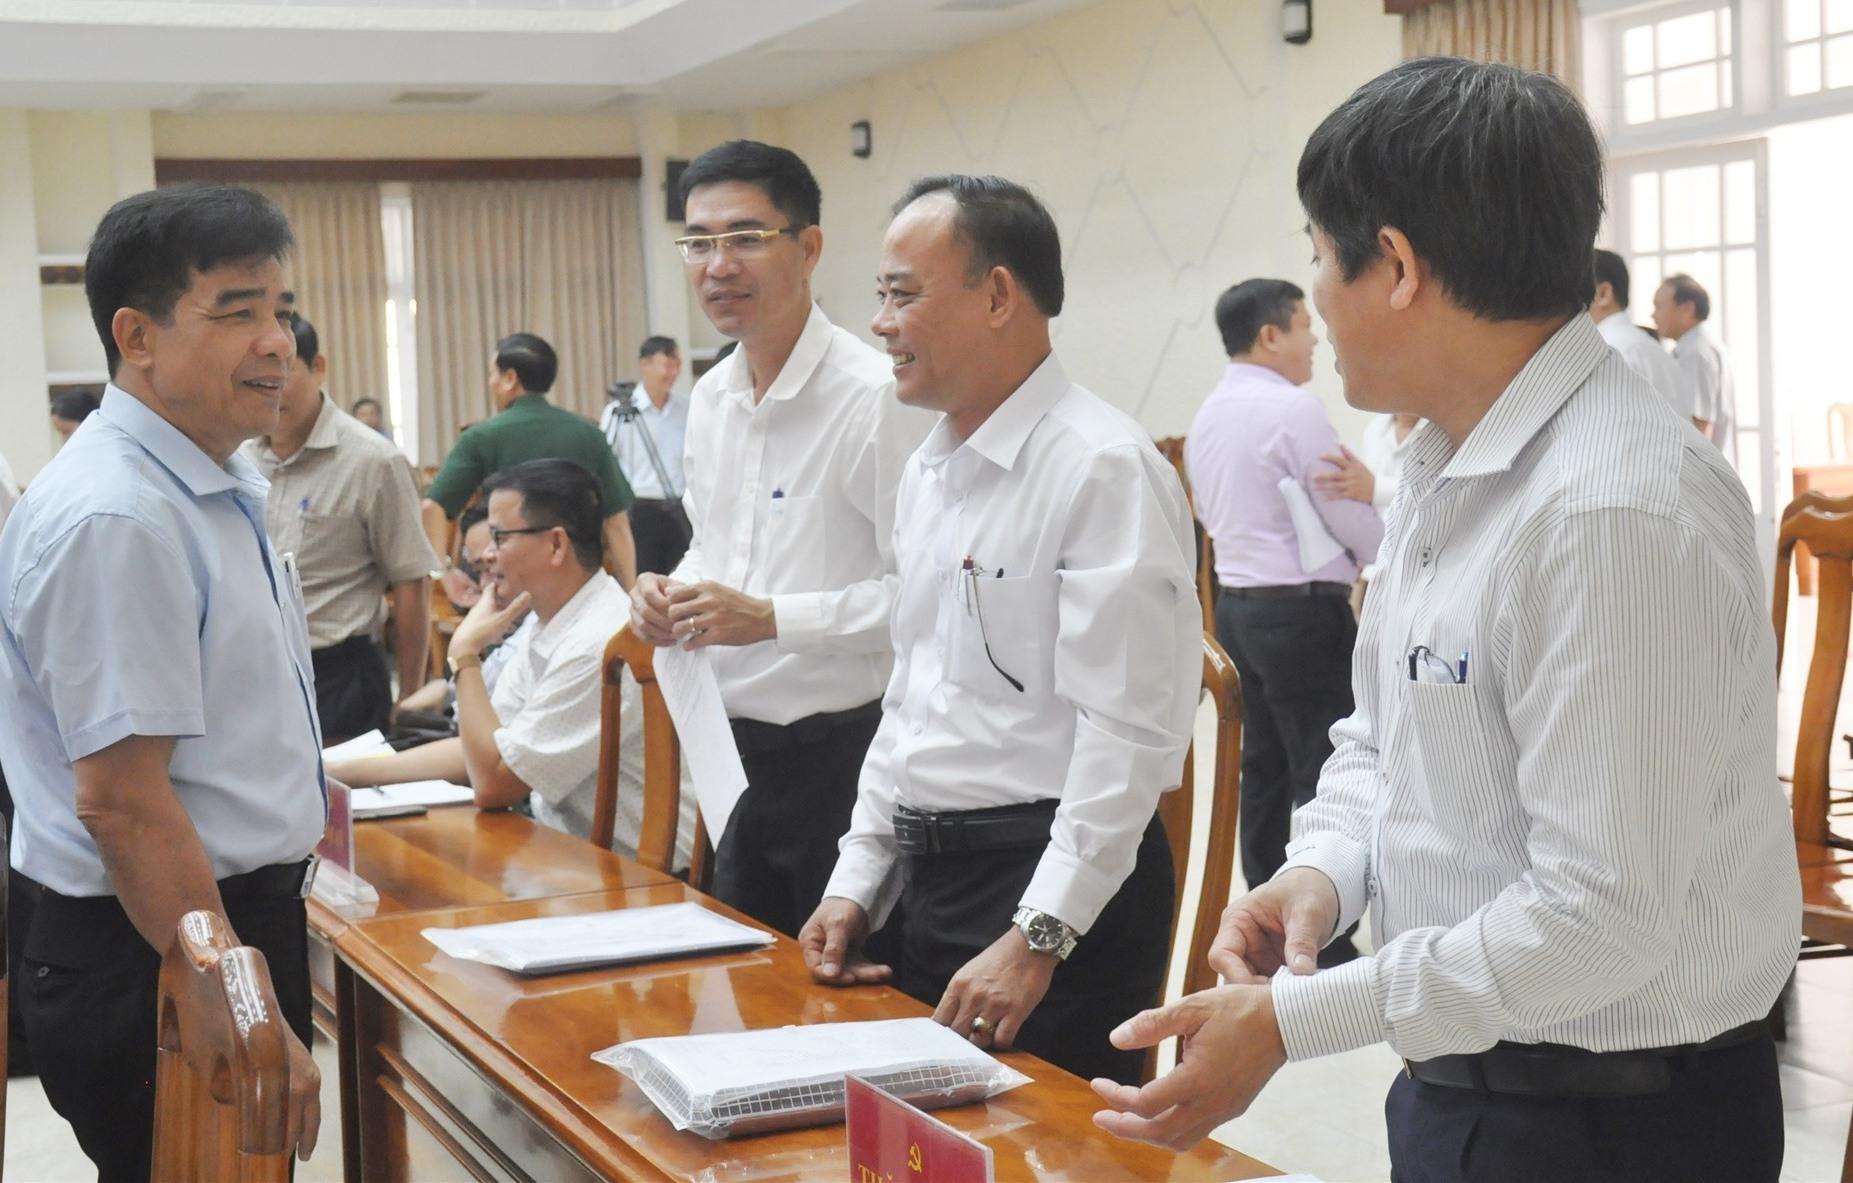 Phó Bí thư Thường trực Tỉnh ủy Lê Văn Dũng trao đổi với các đại biểu trước thềm khai mạc Hội nghị Tỉnh ủy lần thứ 3 (khóa XXII). Ảnh: N.Đ